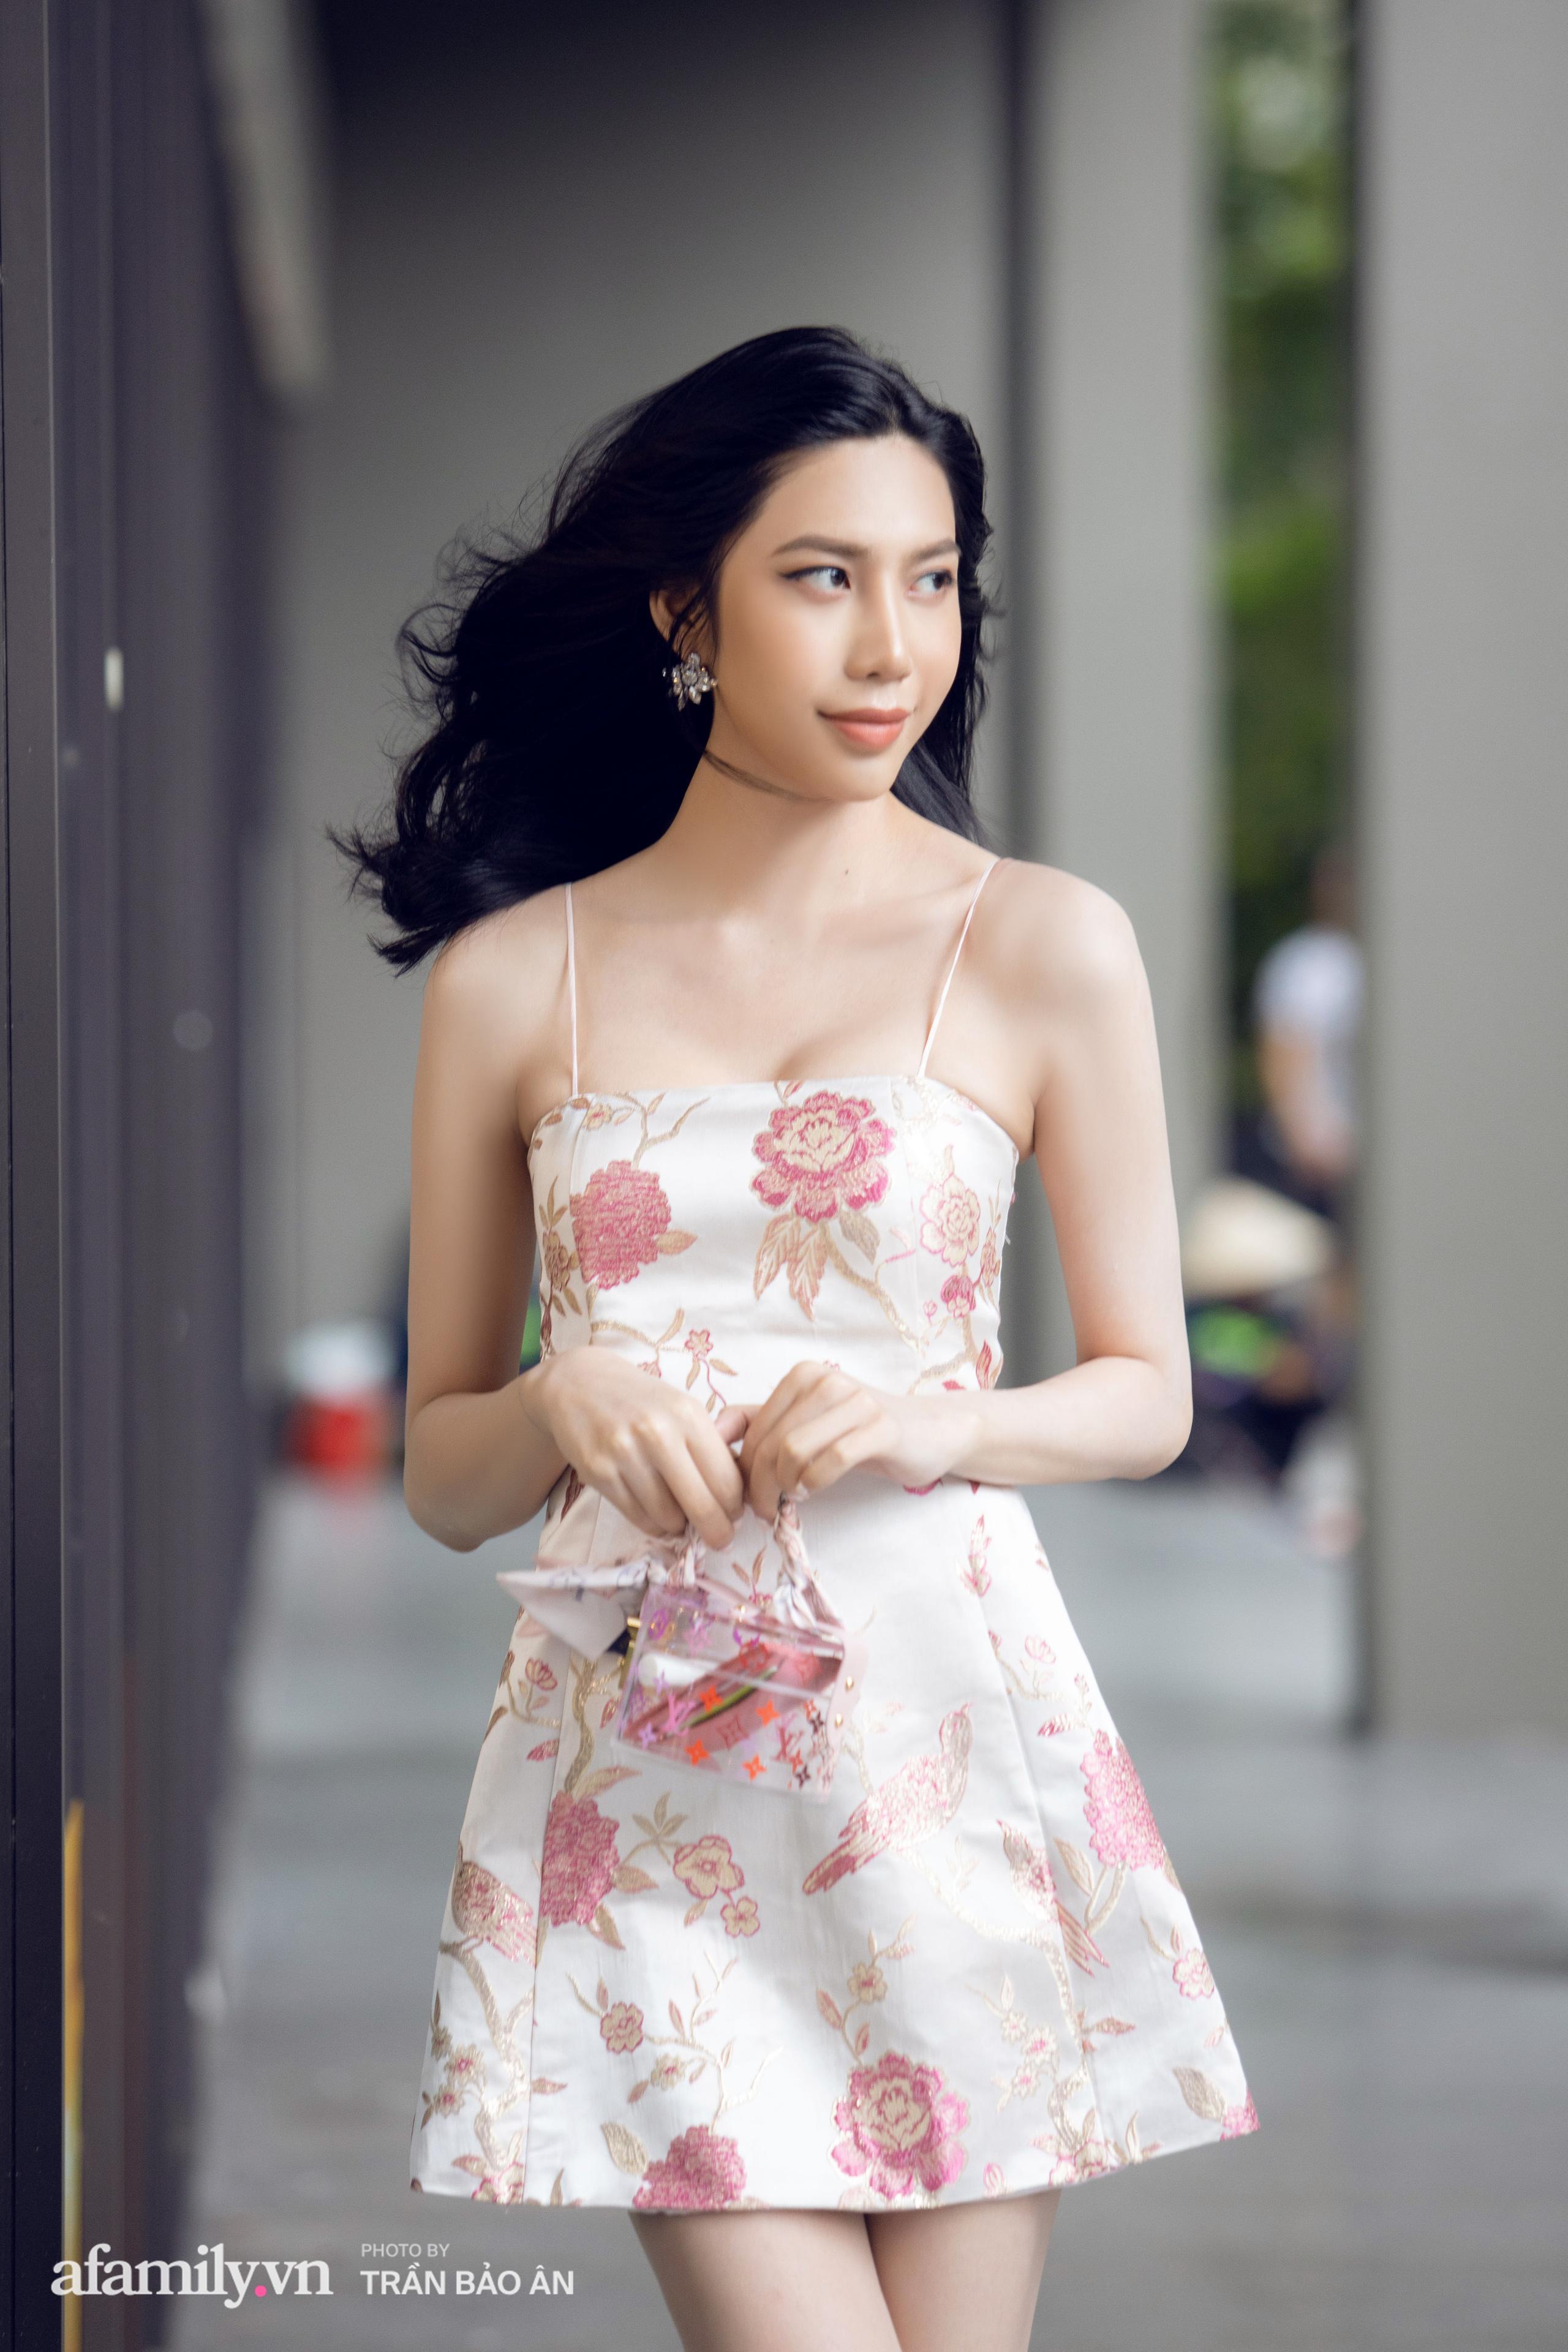 Ái nữ tập đoàn sở hữu chuỗi bánh mì BreadTalk Việt Nam kể hành trình chuyển giới được ba mẹ ủng hộ, hứa hẹn sự xuất hiện rạng ngời tại Hoa hậu chuyển giới trong tương lai - Ảnh 4.